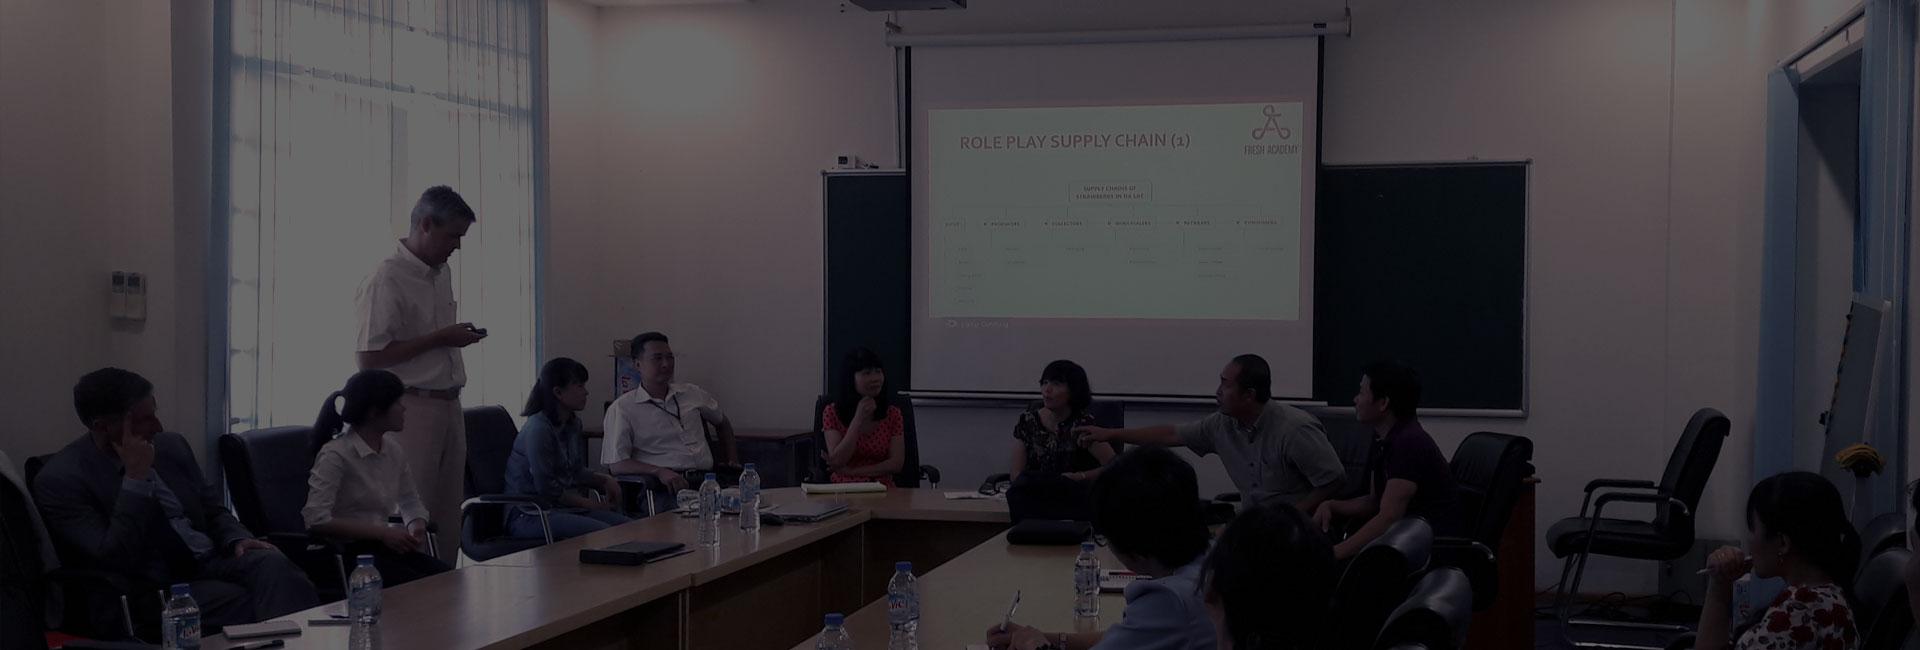 Học viện Fresh Academy đào tạo về quản lý chuỗi cung ứng và phát triển kinh doanh